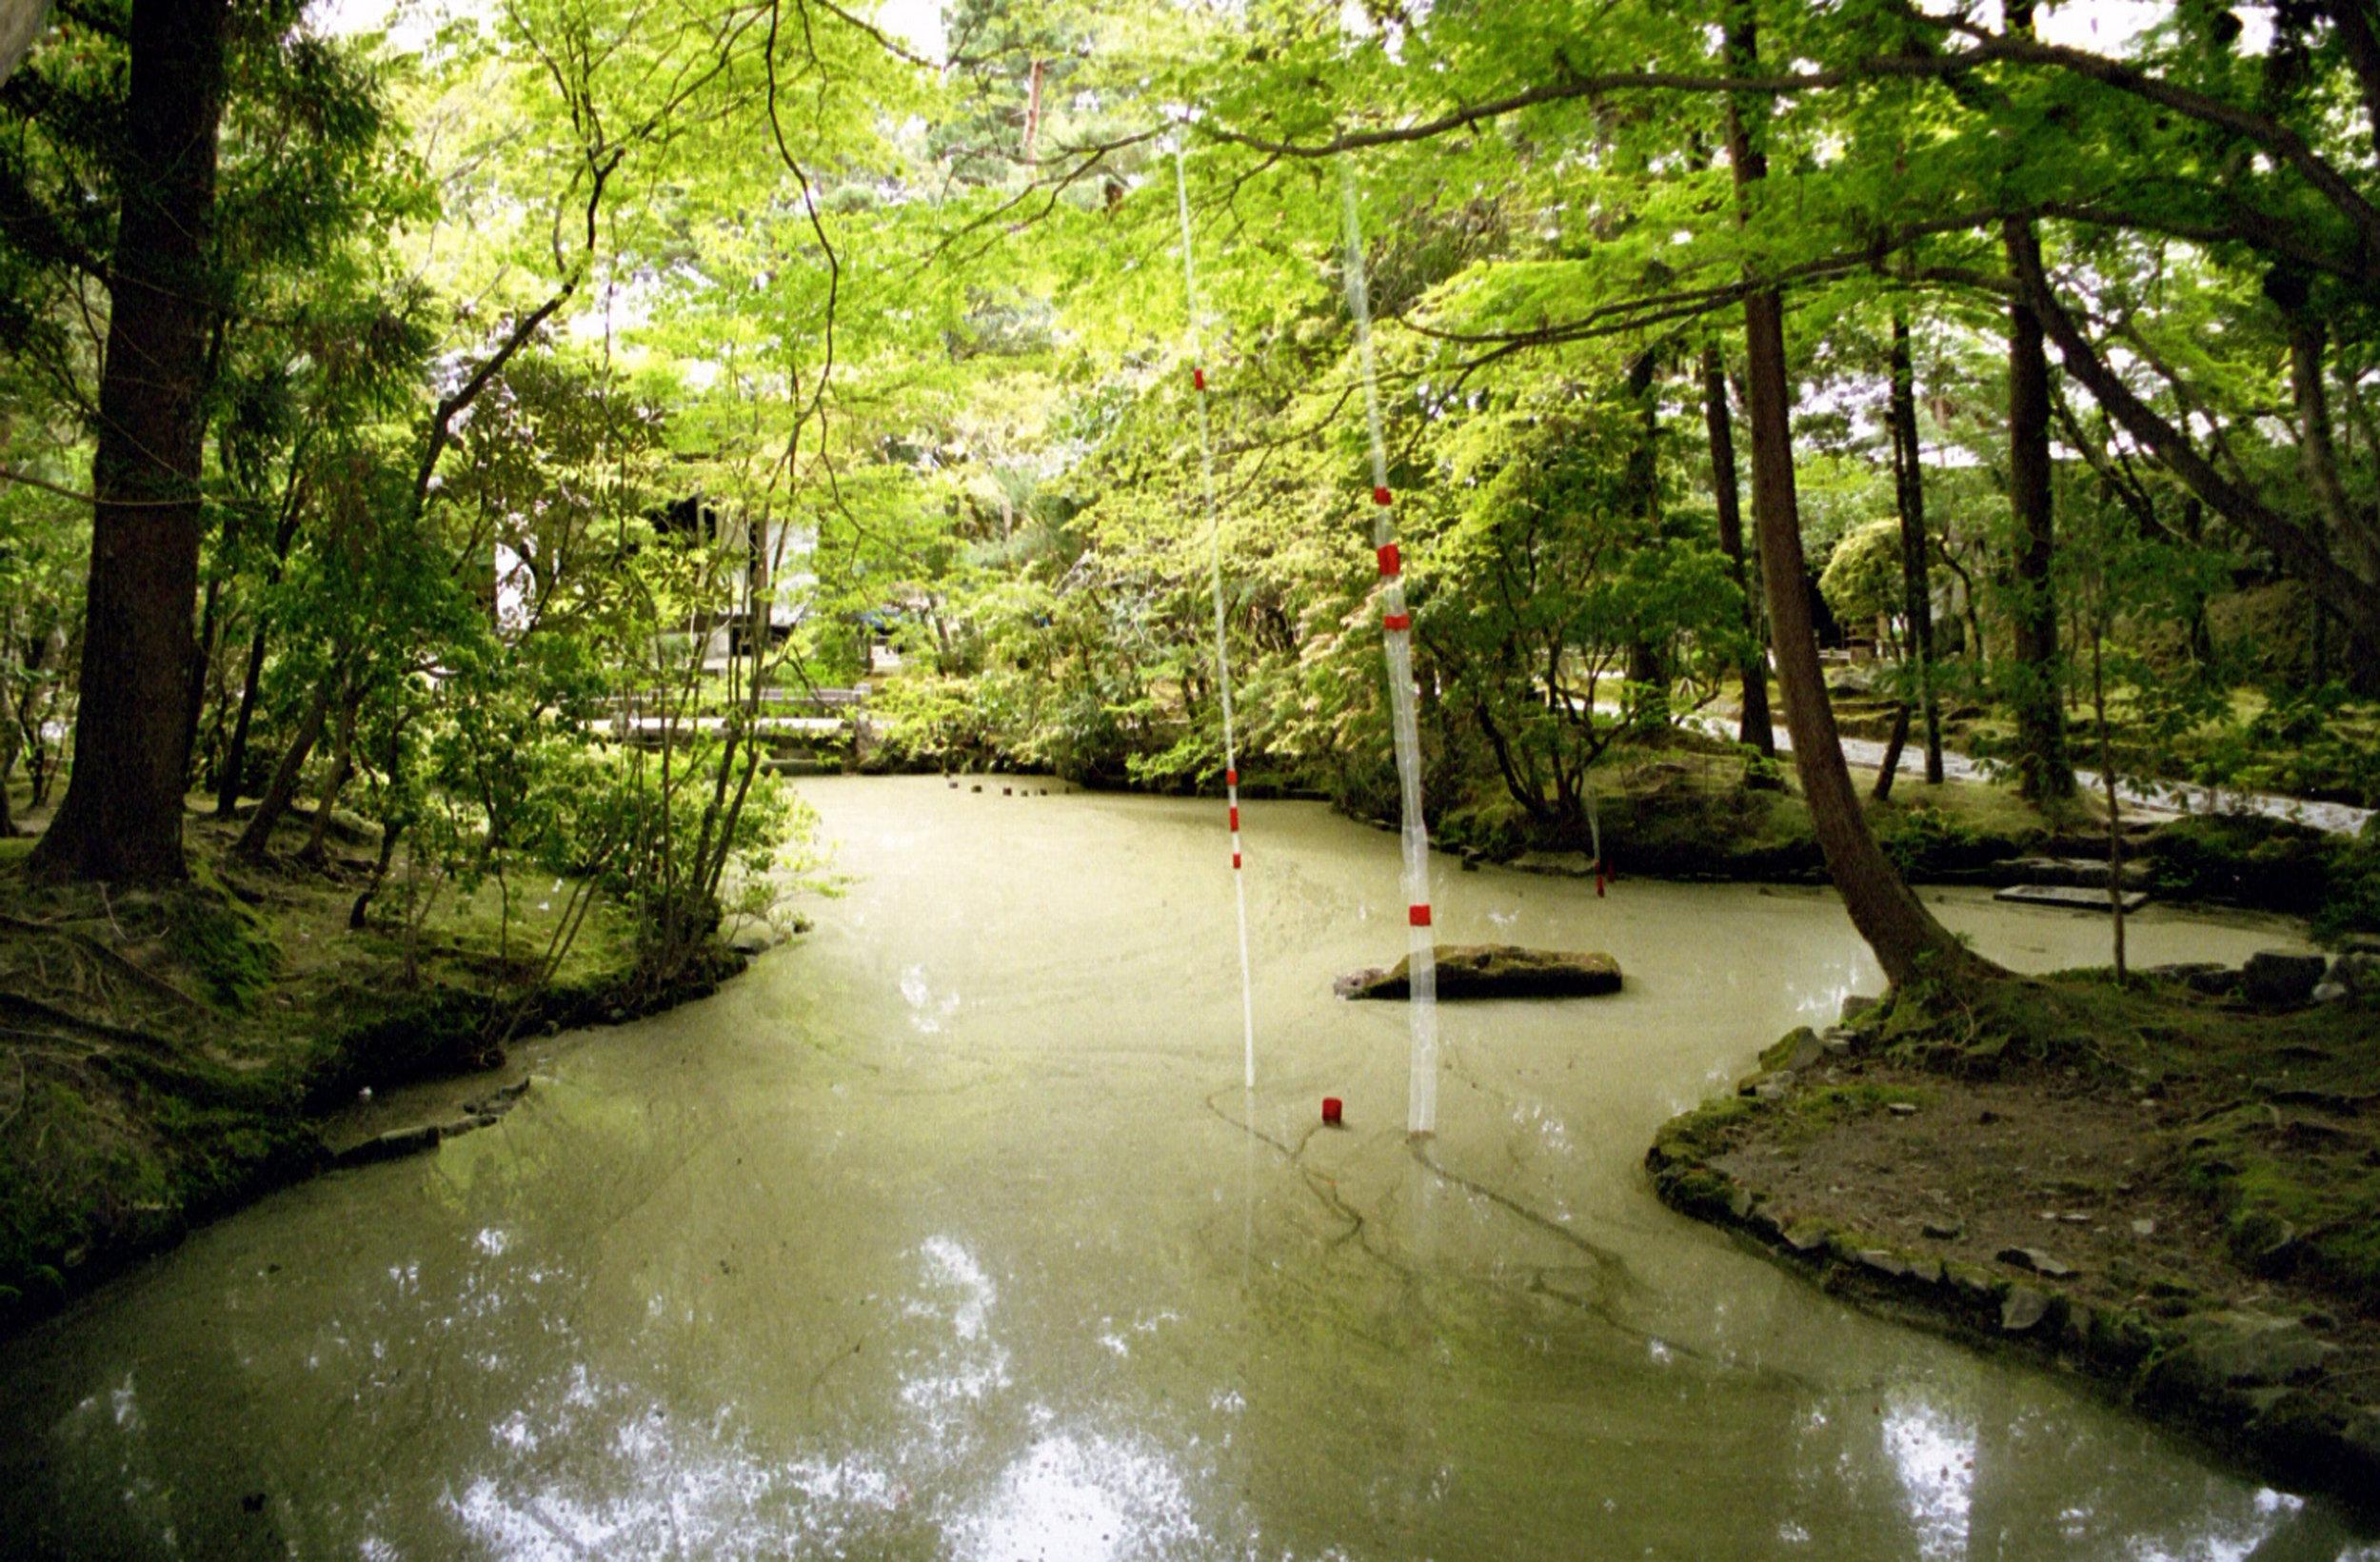 Japan_Echelman_PhotoStudioEchelman_004_4.jpg